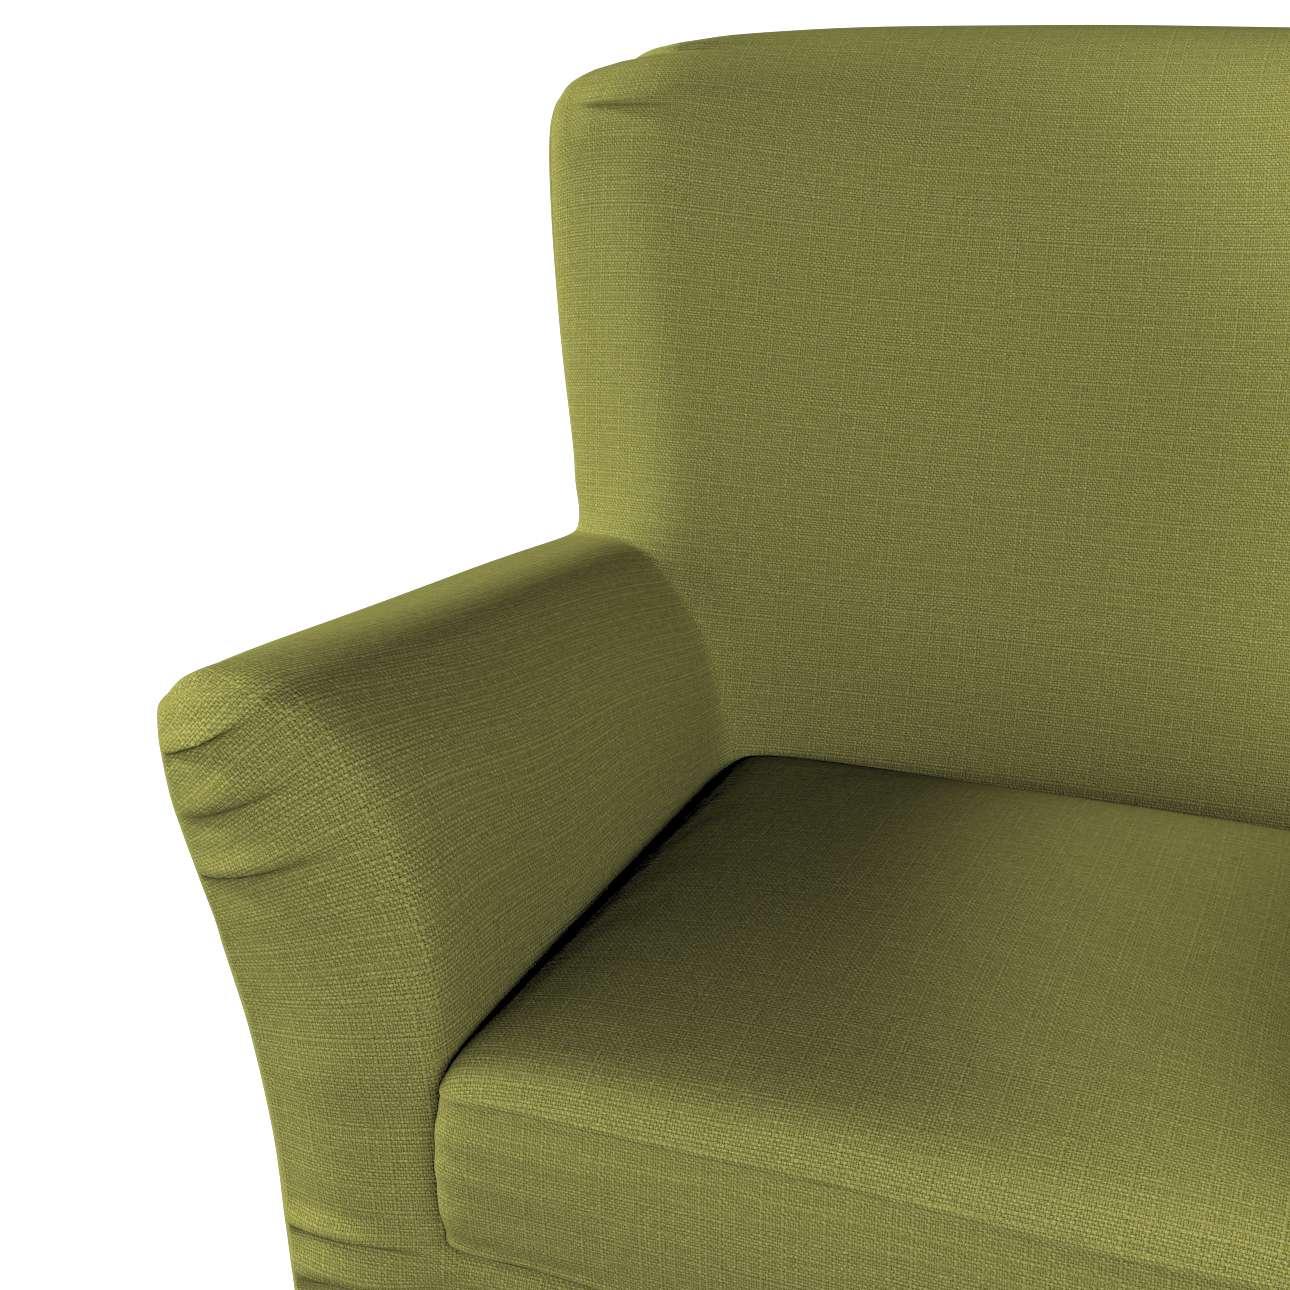 Pokrowiec na fotel Tomelilla z zakładkami w kolekcji Living, tkanina: 161-13